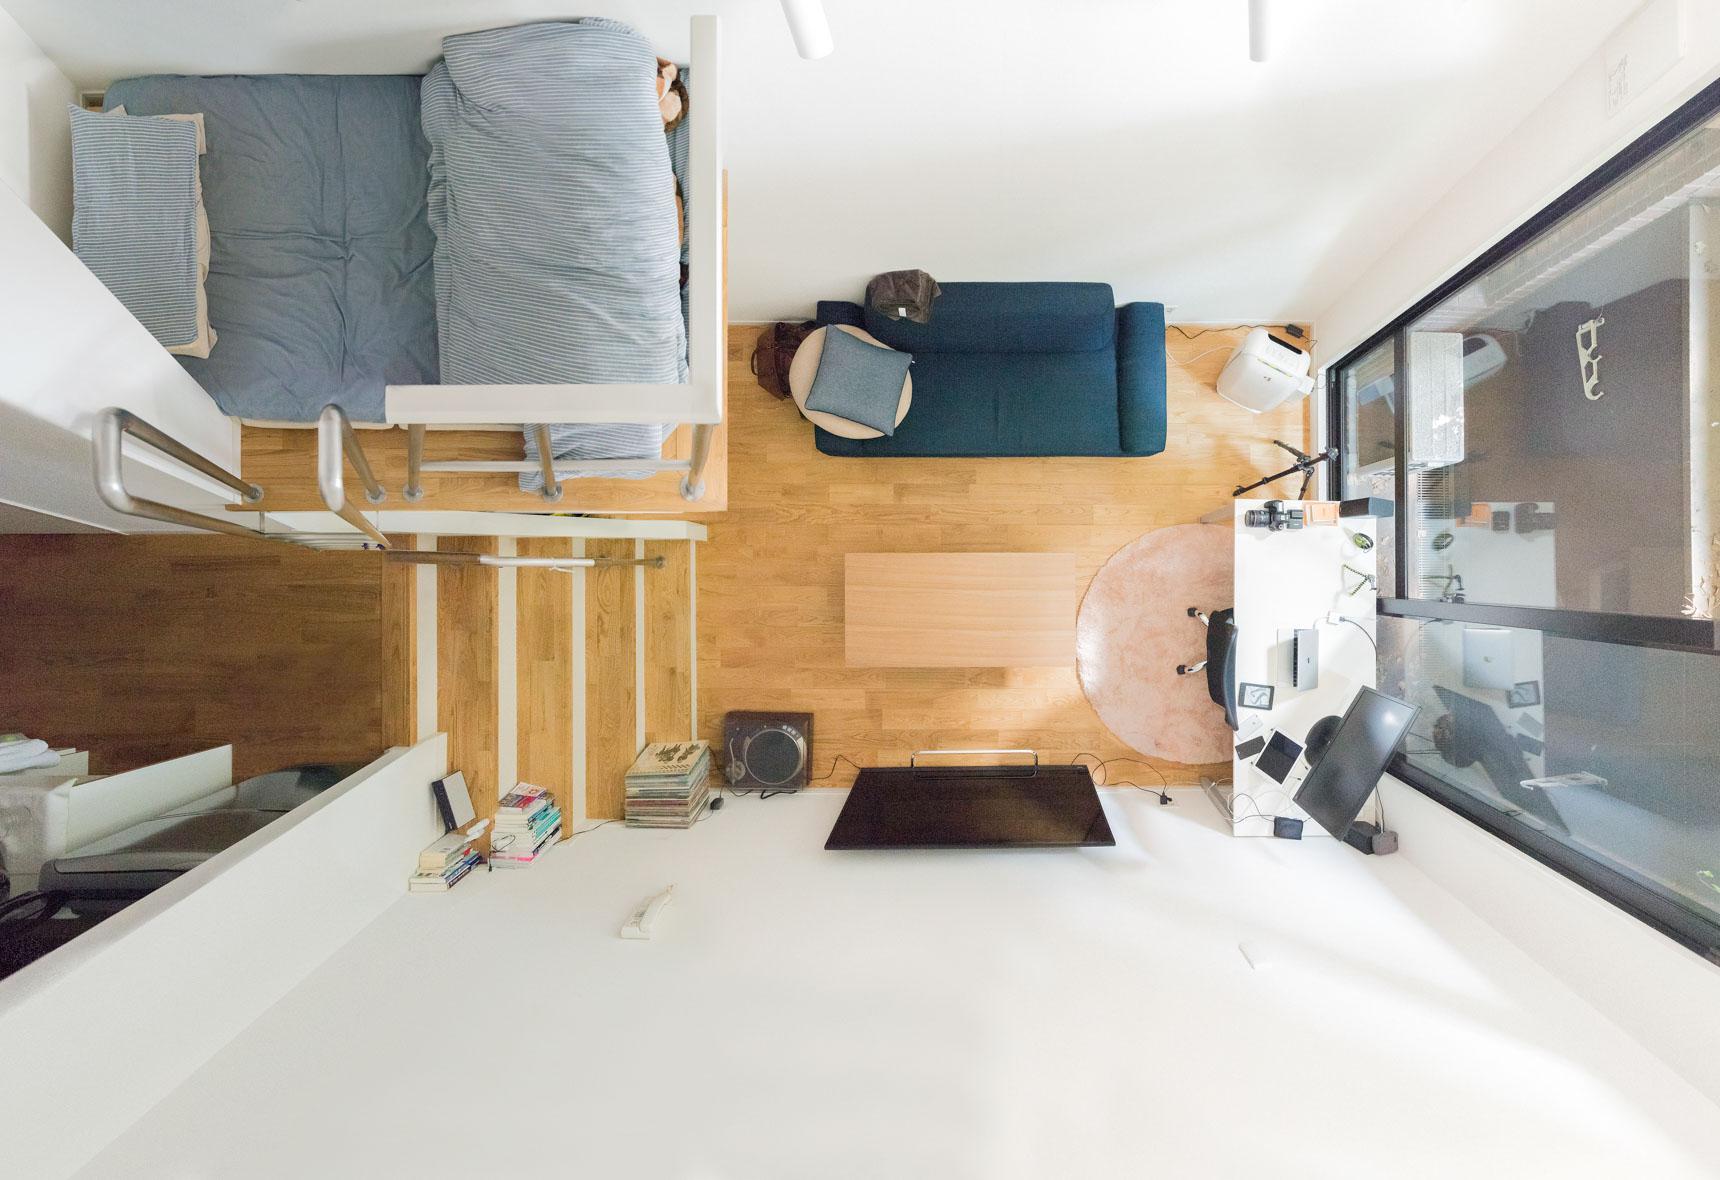 持たない暮らしを徹底している中村さんの部屋。引っ越すときに、部屋に合わせてほとんどの家具は買い換えているそうです(東京、ワンルームで持たない暮らし。男性Webエンジニアの部屋)